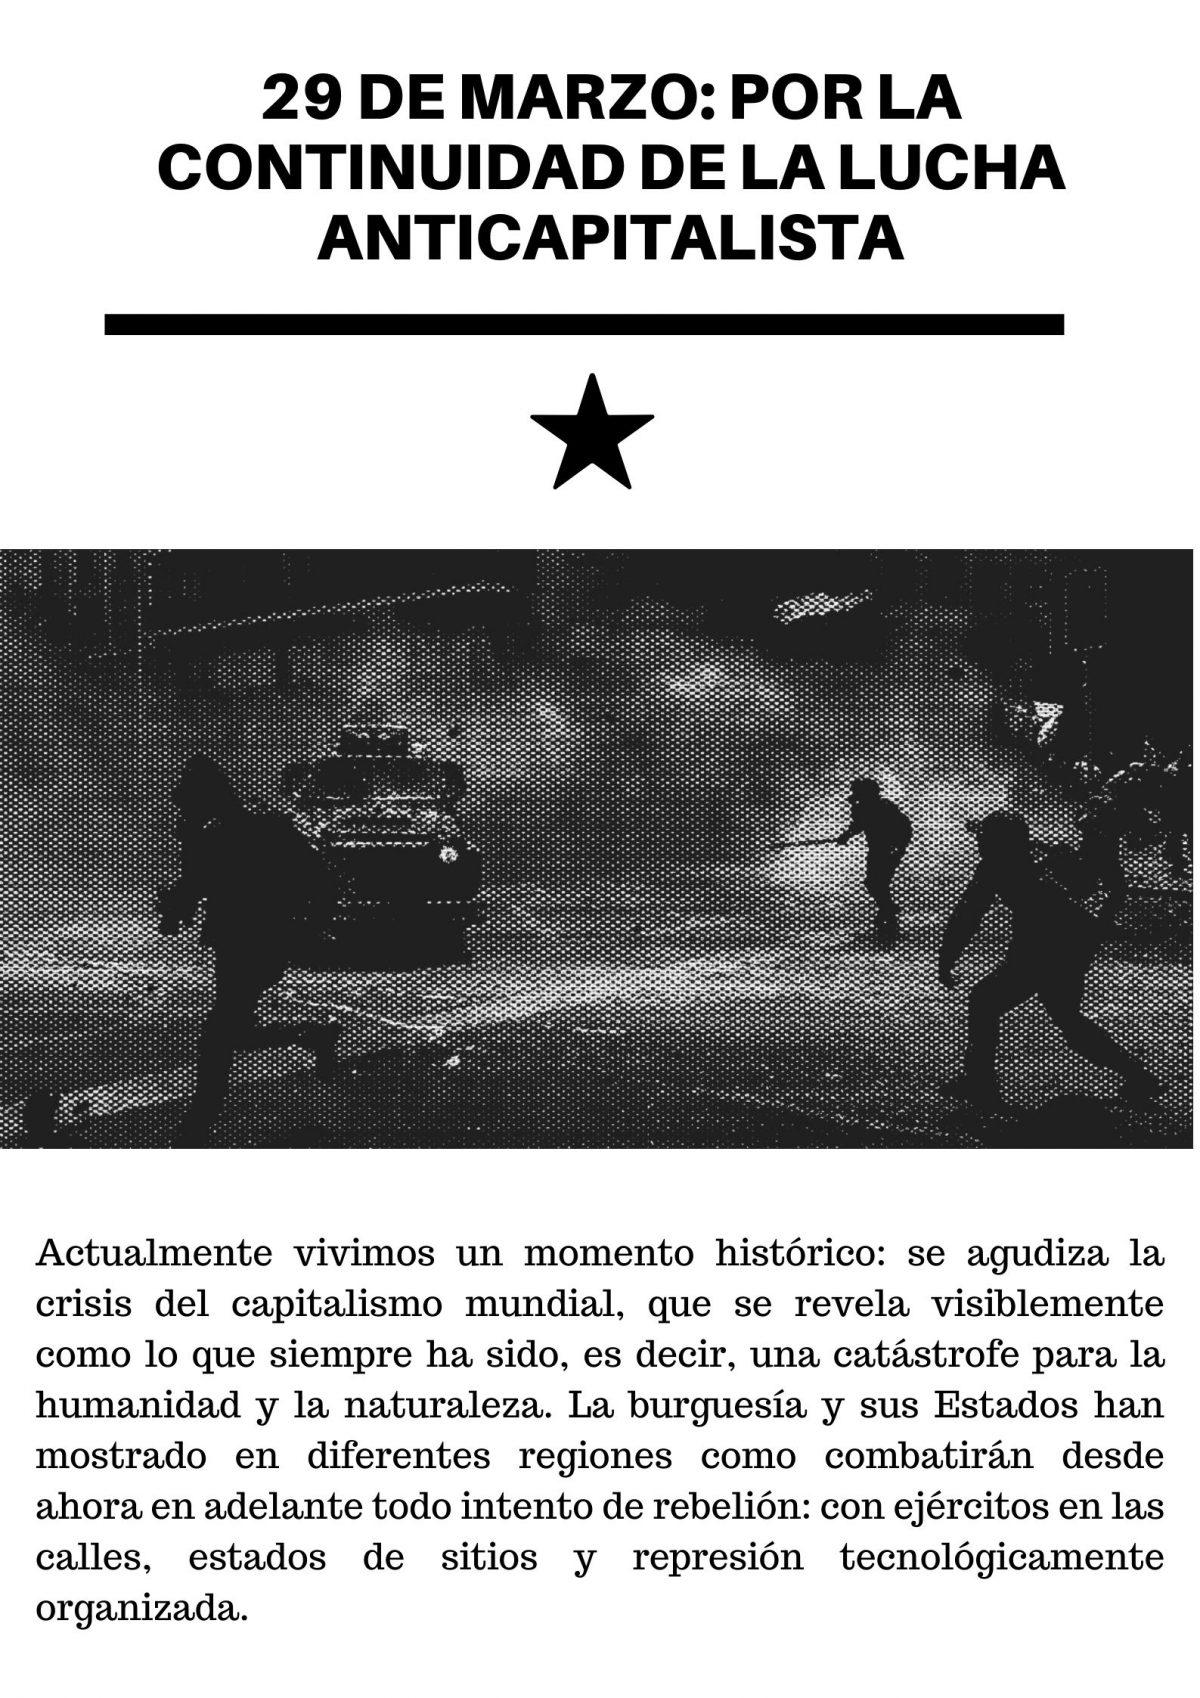 29 de marzo: por la continuidad de la lucha anticapitalista [panfleto]